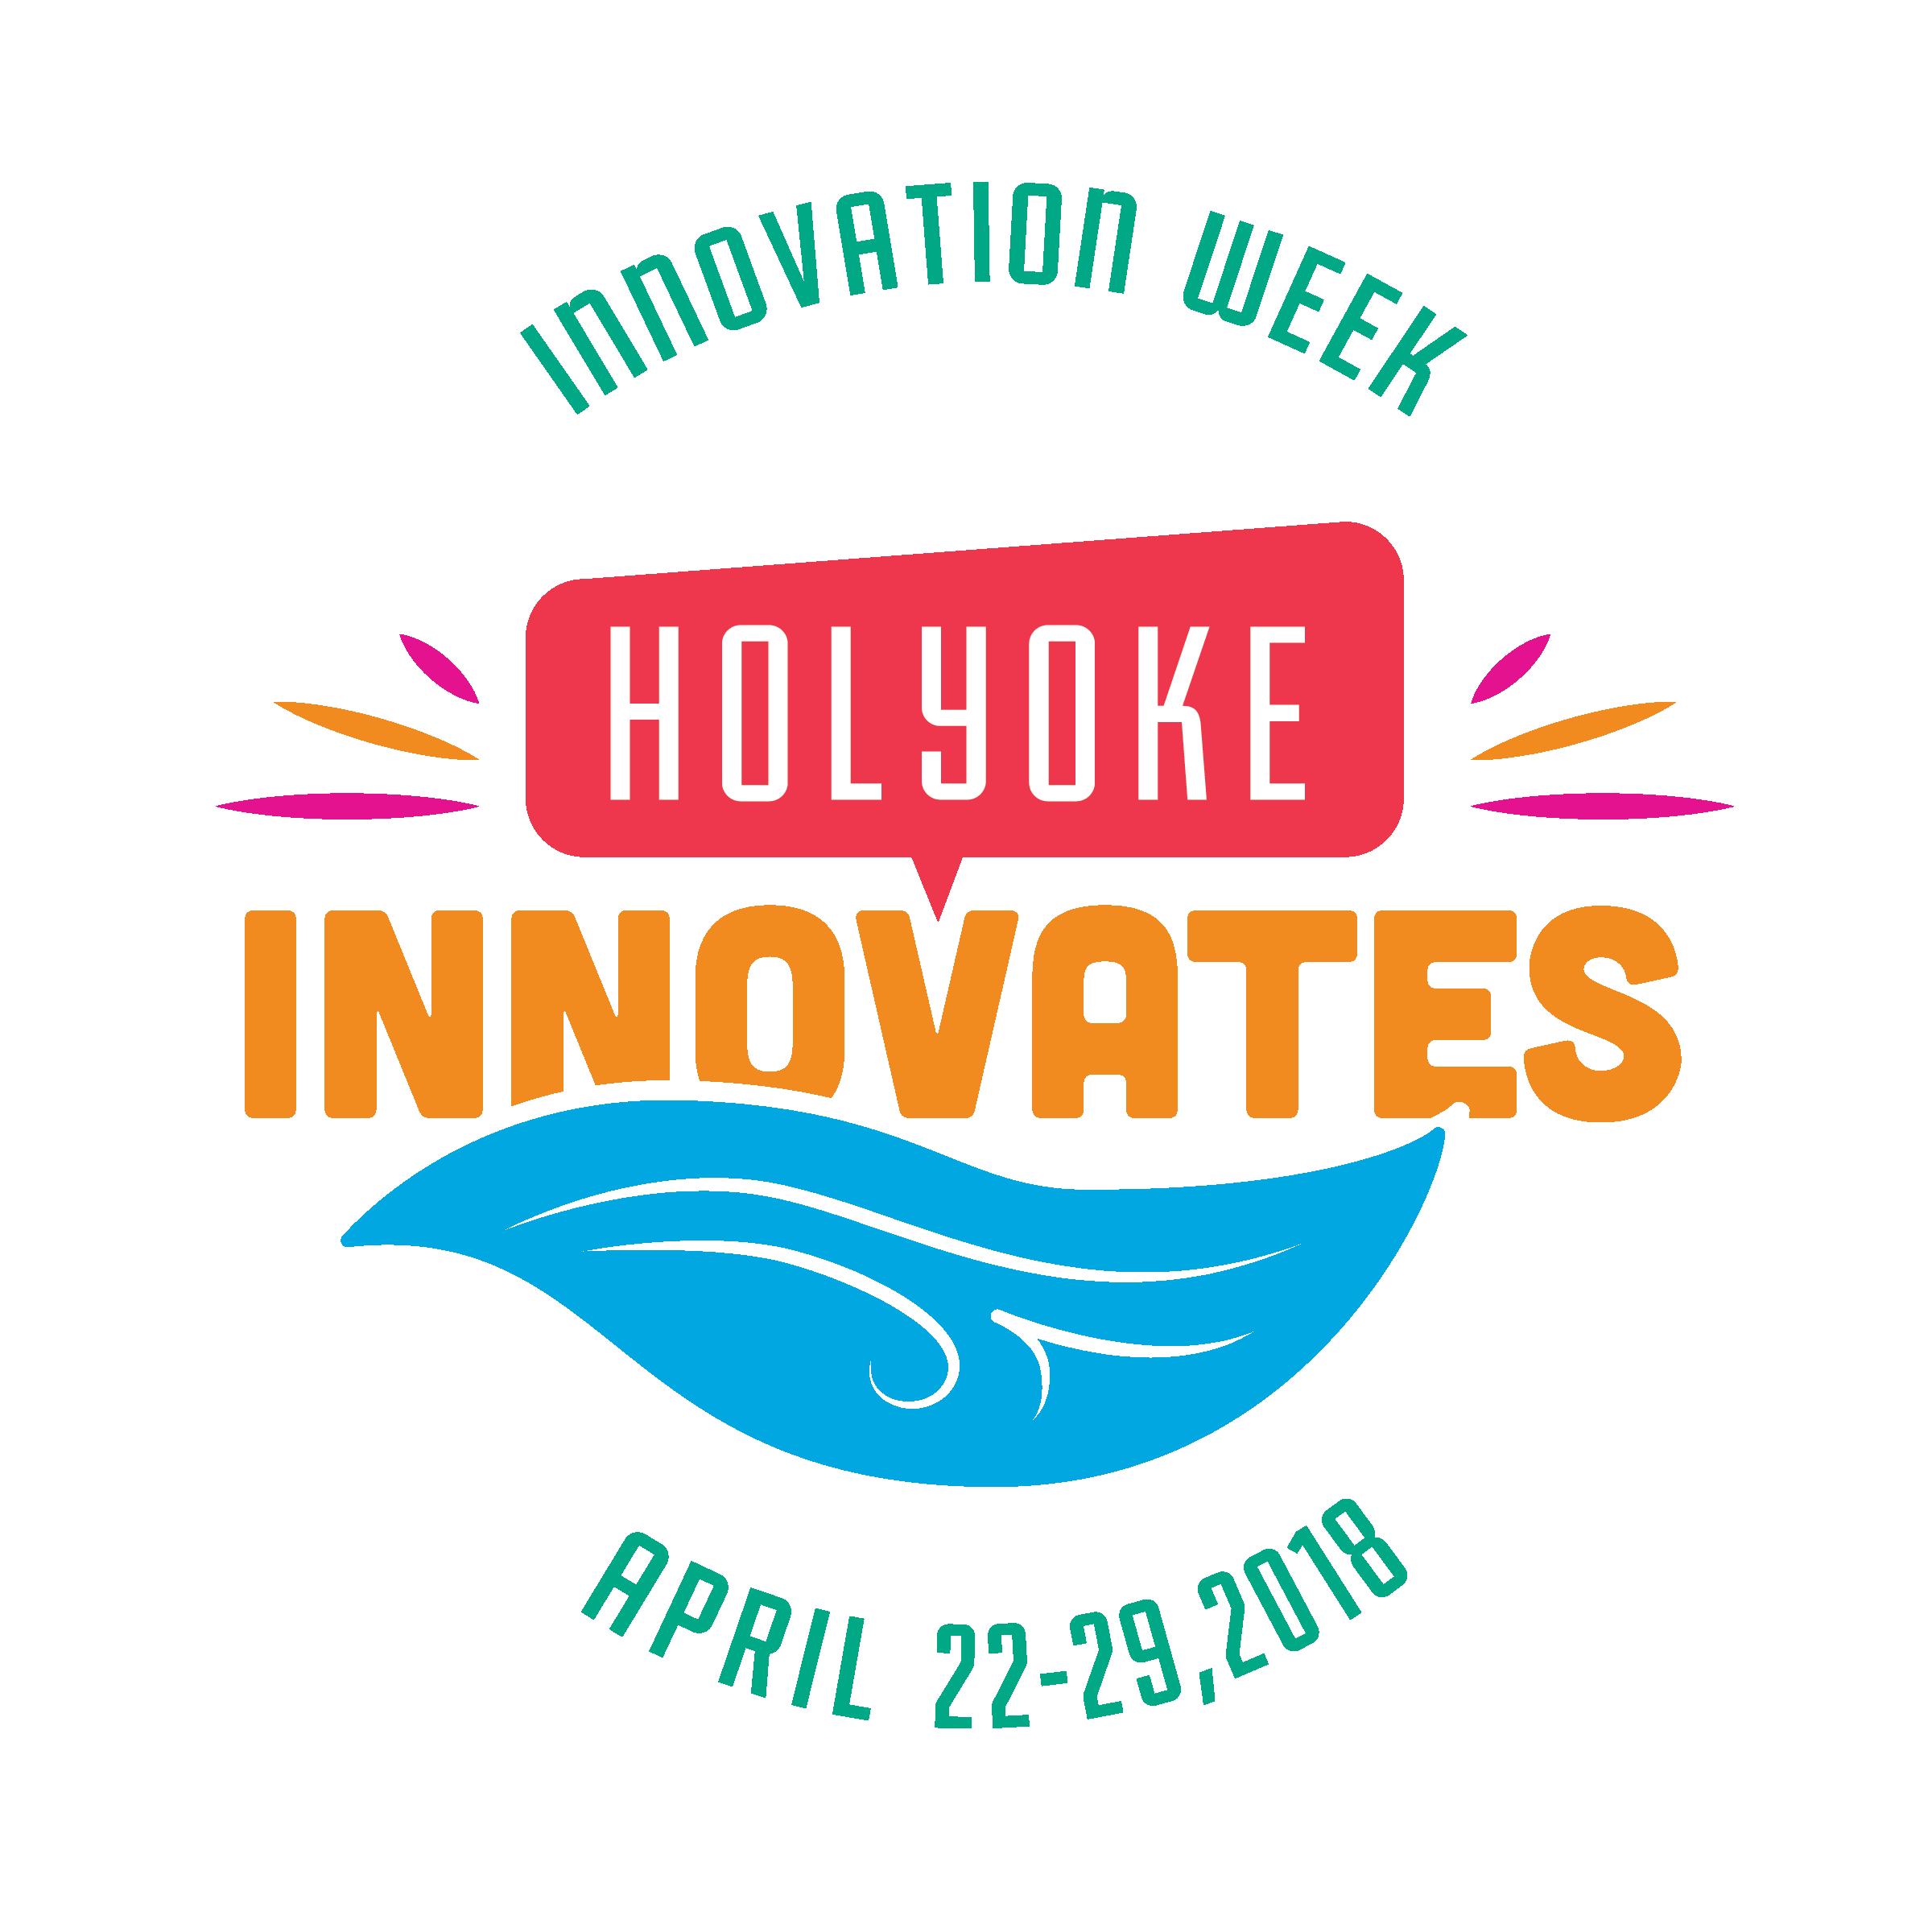 Holyoke_Innovates  (1).png